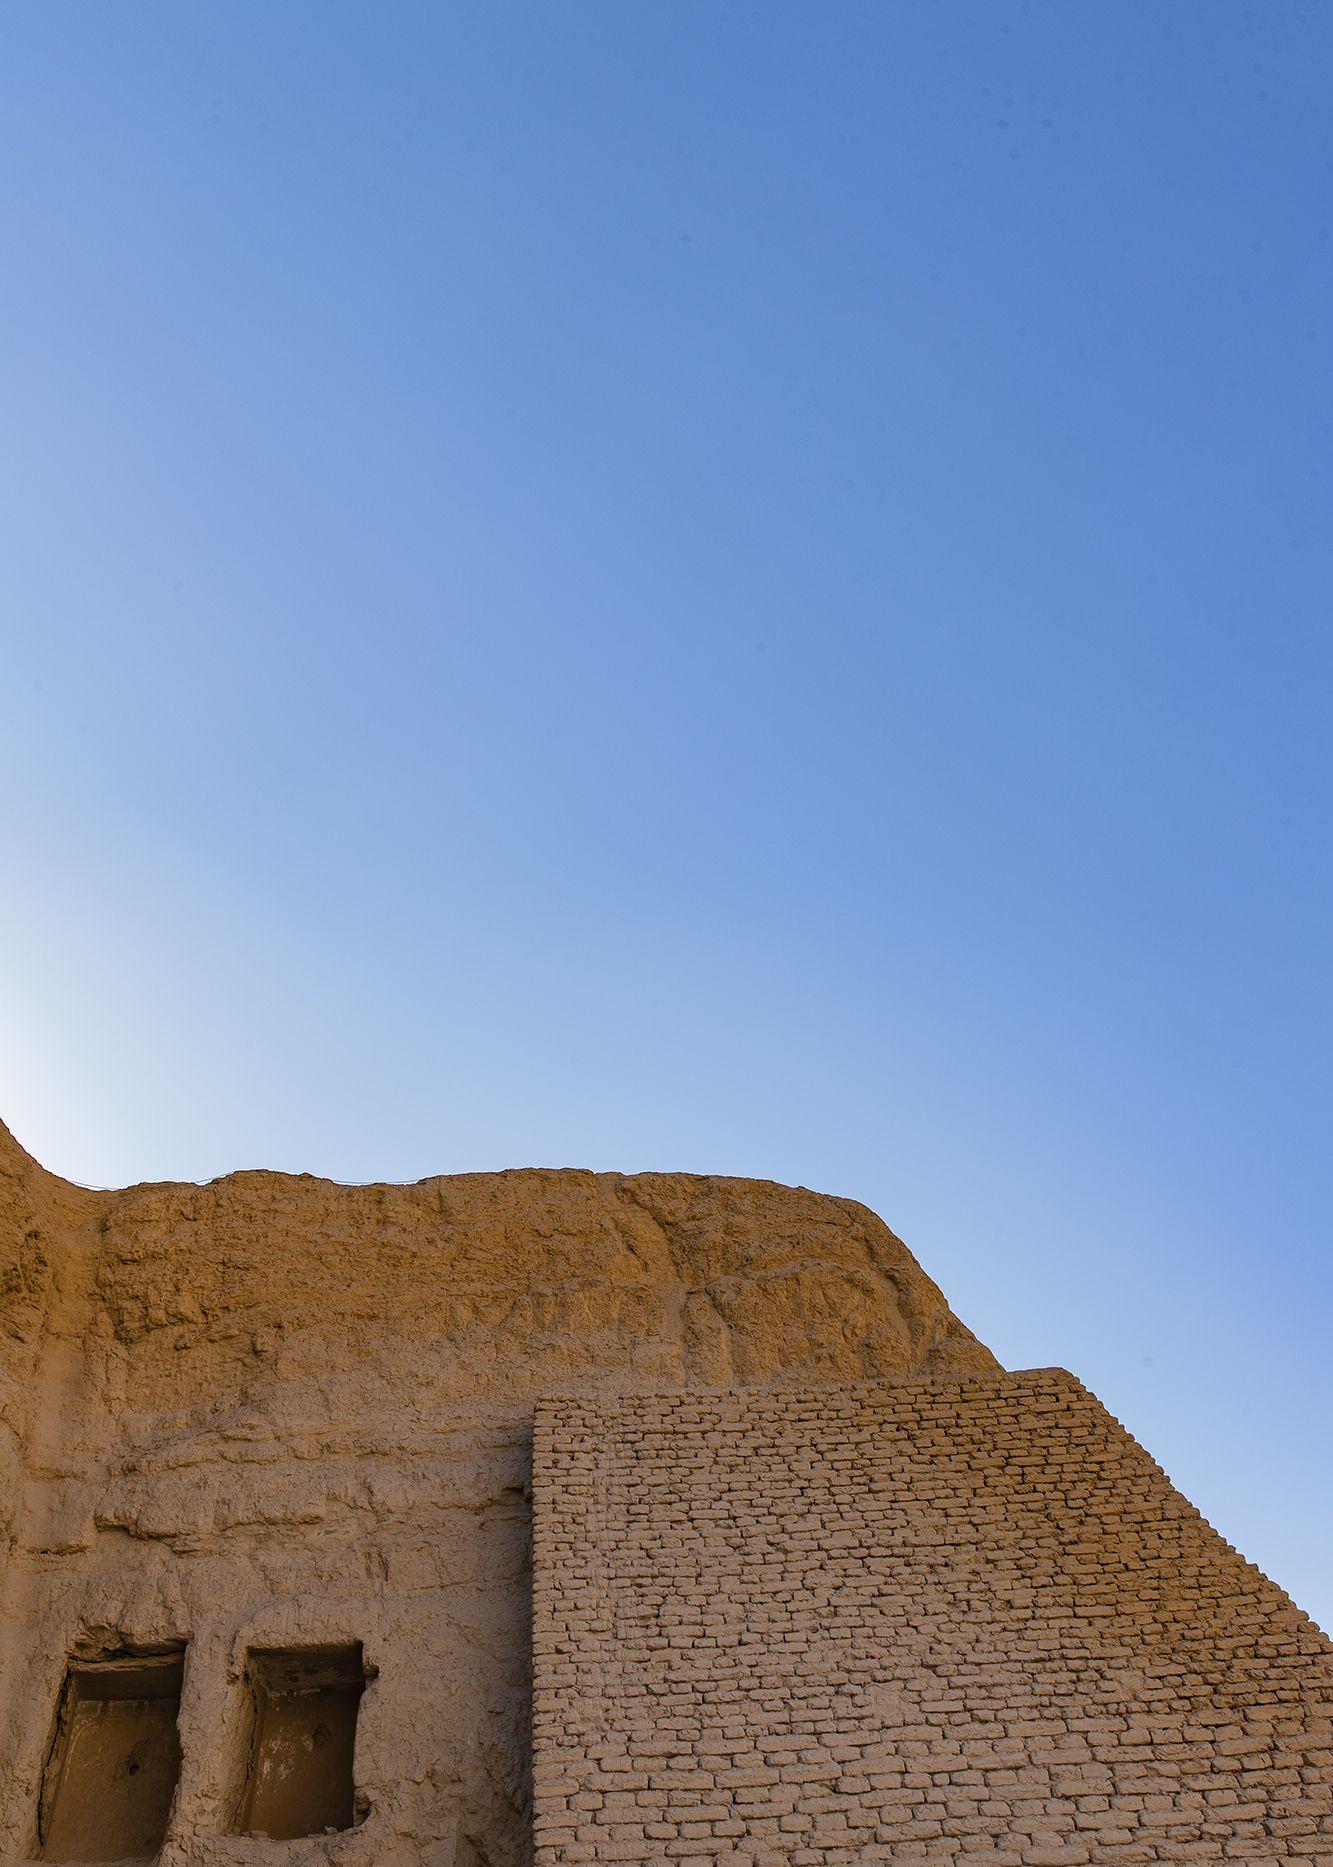 想要了解高昌回鹘国的壁画,到吐鲁番的柏孜克里克石窟来